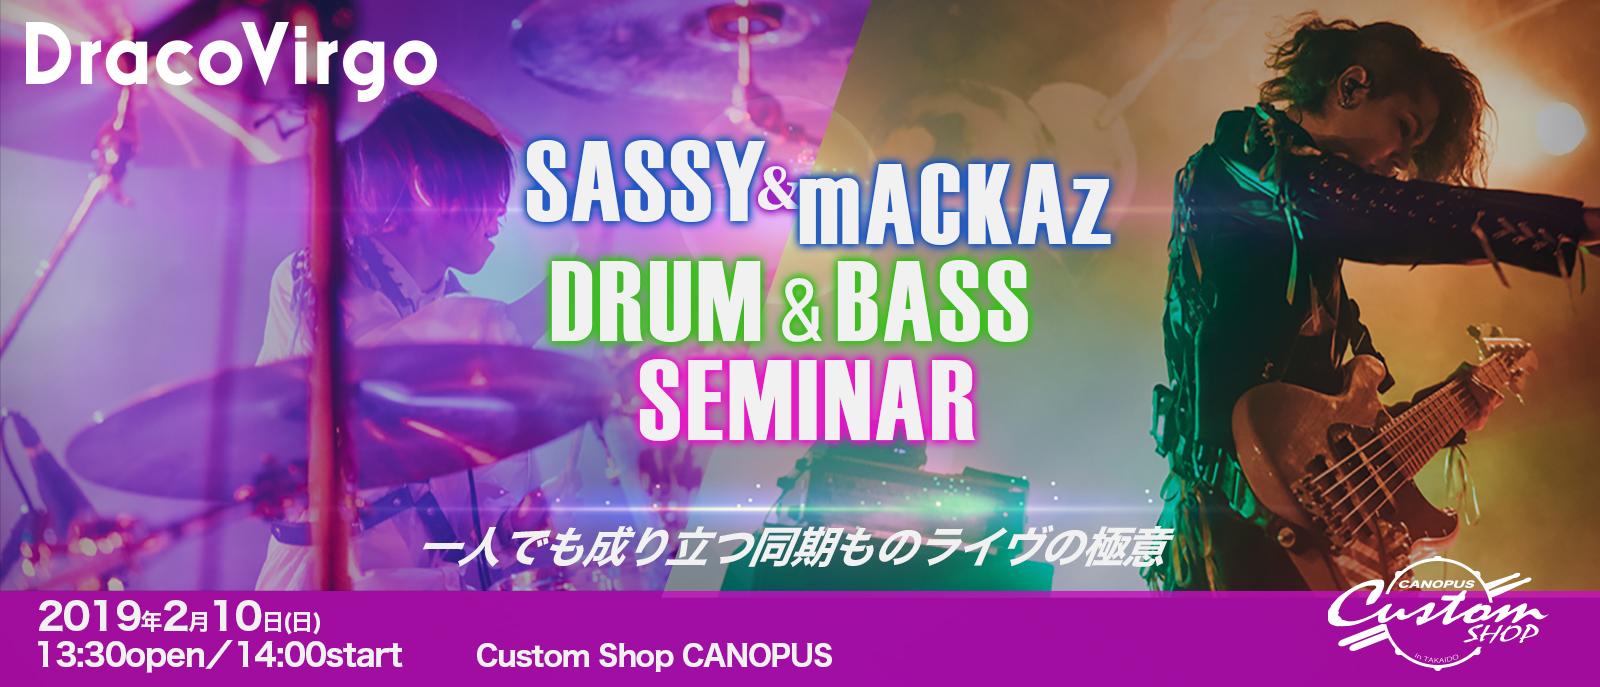 SASSY & mACKAz ドラム&ベースセミナー